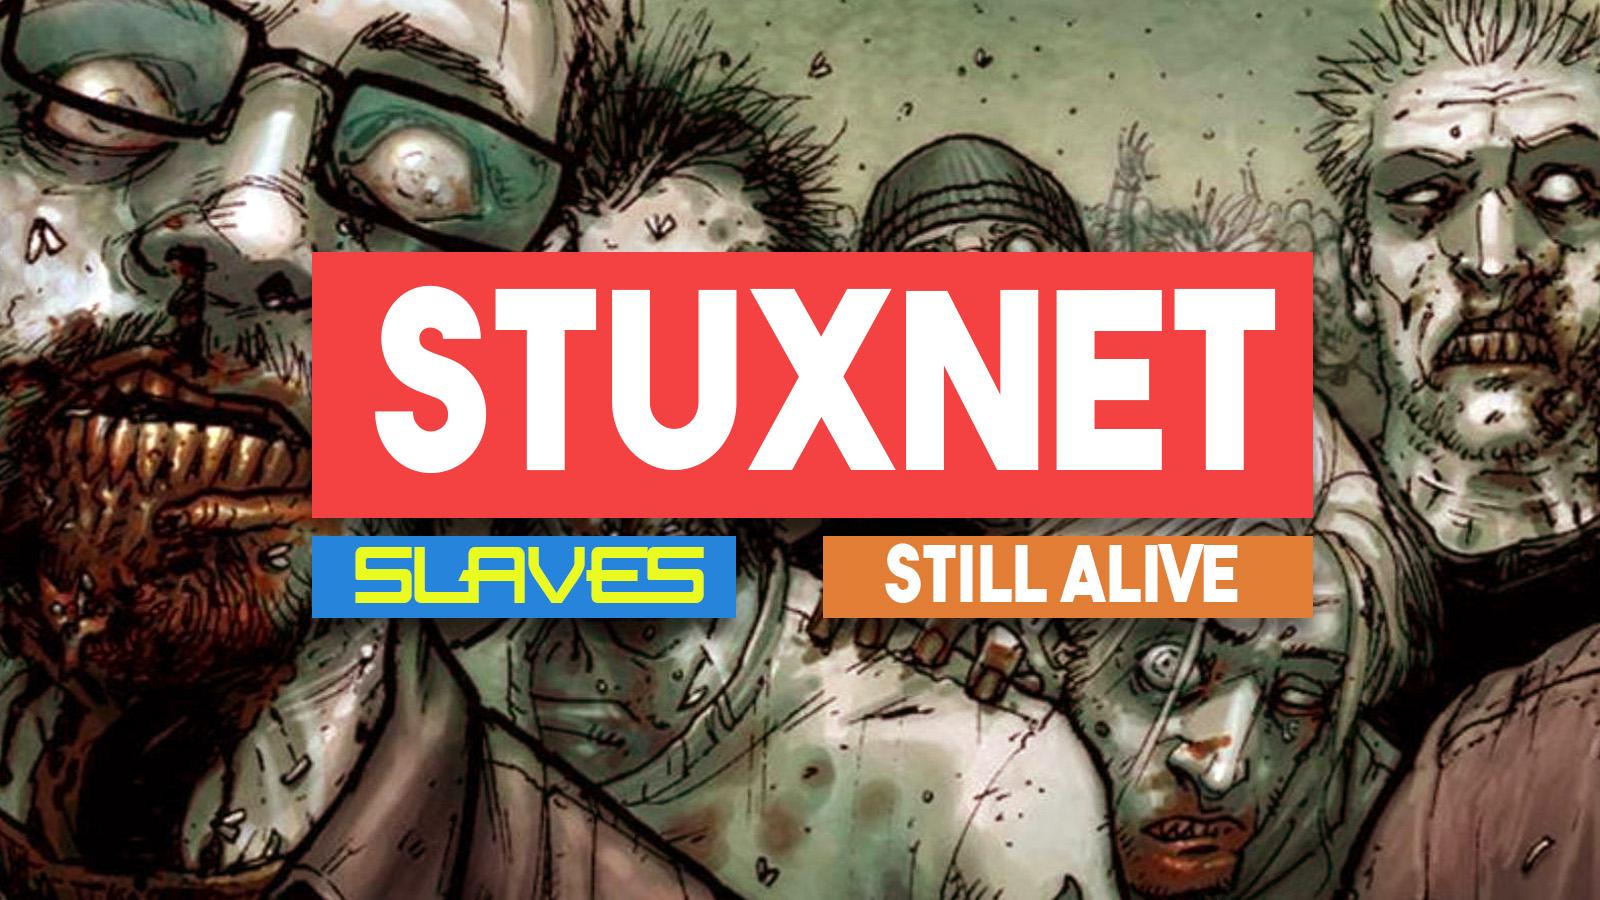 stuxnet slaves